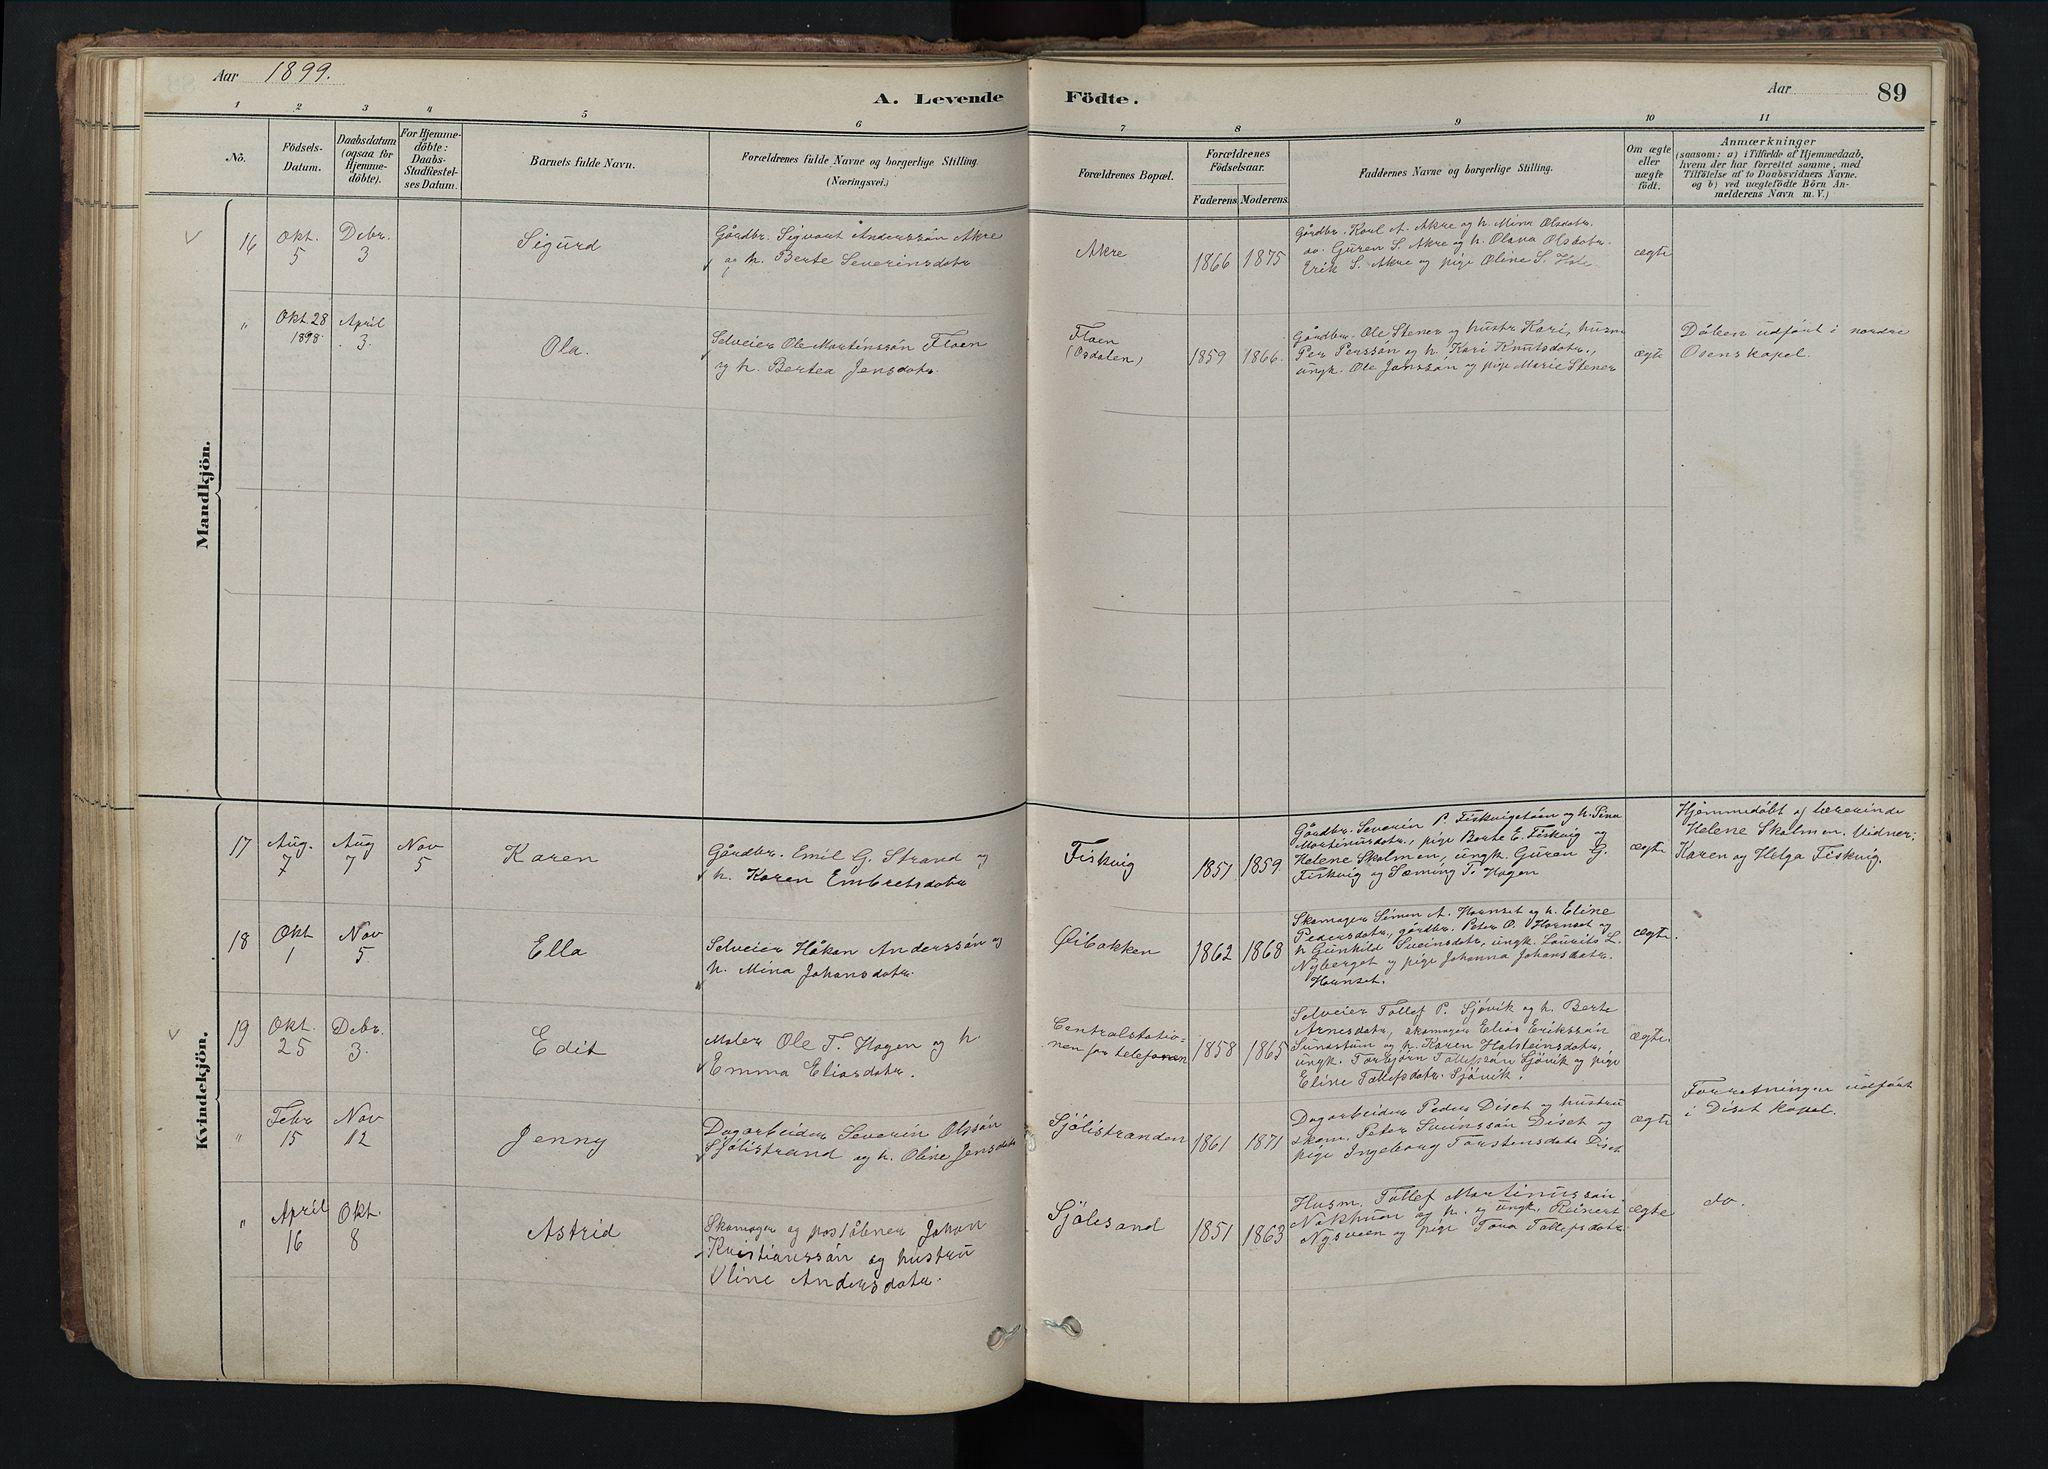 SAH, Rendalen prestekontor, H/Ha/Hab/L0009: Klokkerbok nr. 9, 1879-1902, s. 89